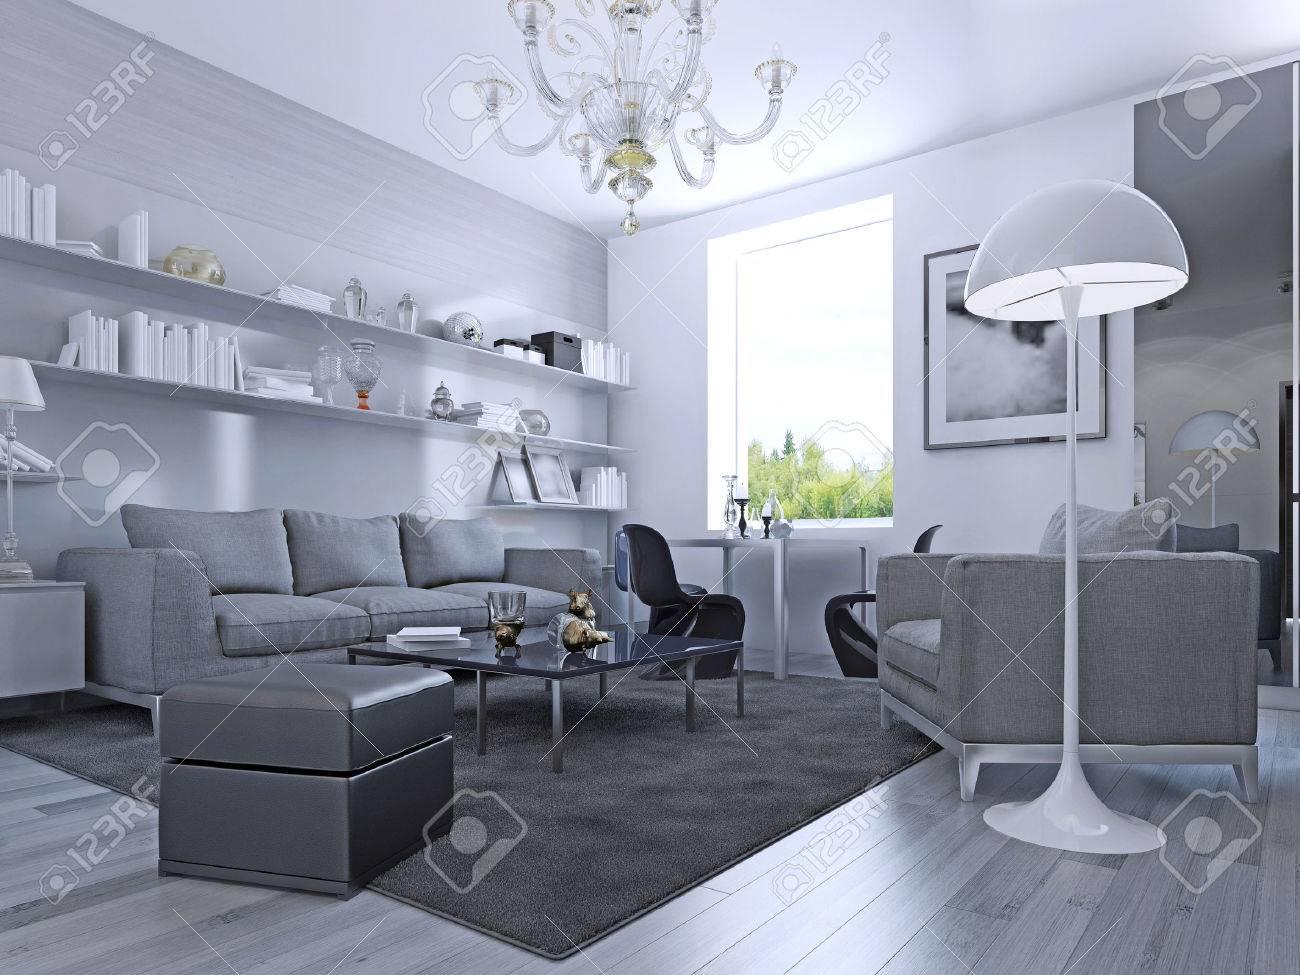 Lieblich Standard Bild   Wohnzimmer Im Modernen Stil. Elegantes Wohnzimmer Mit  Weißen Wänden Und Hellgrau Laminat. Wandsystem Mit Weißen Regalen.